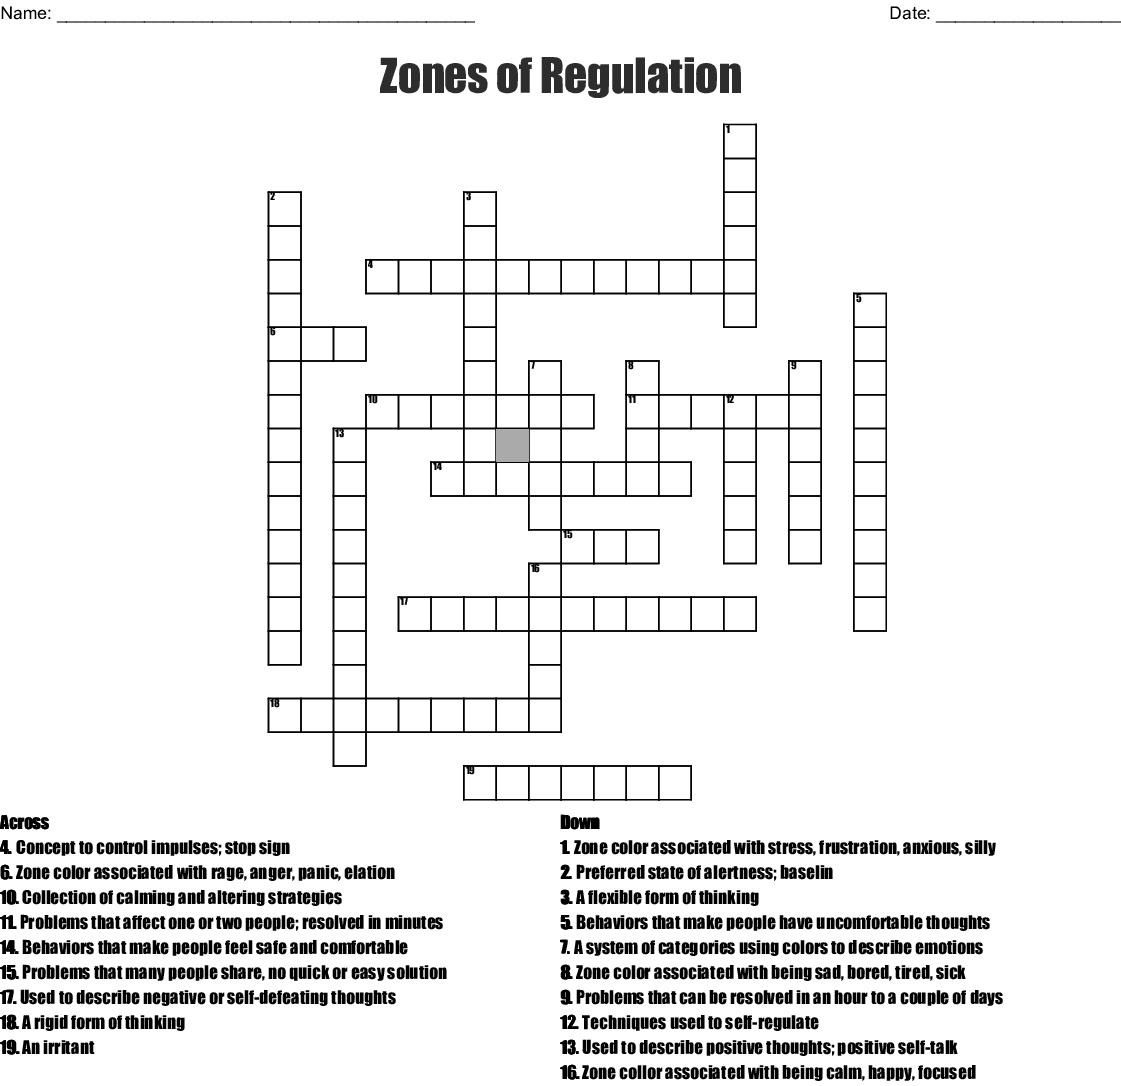 Worksheet Zones Of Regulation